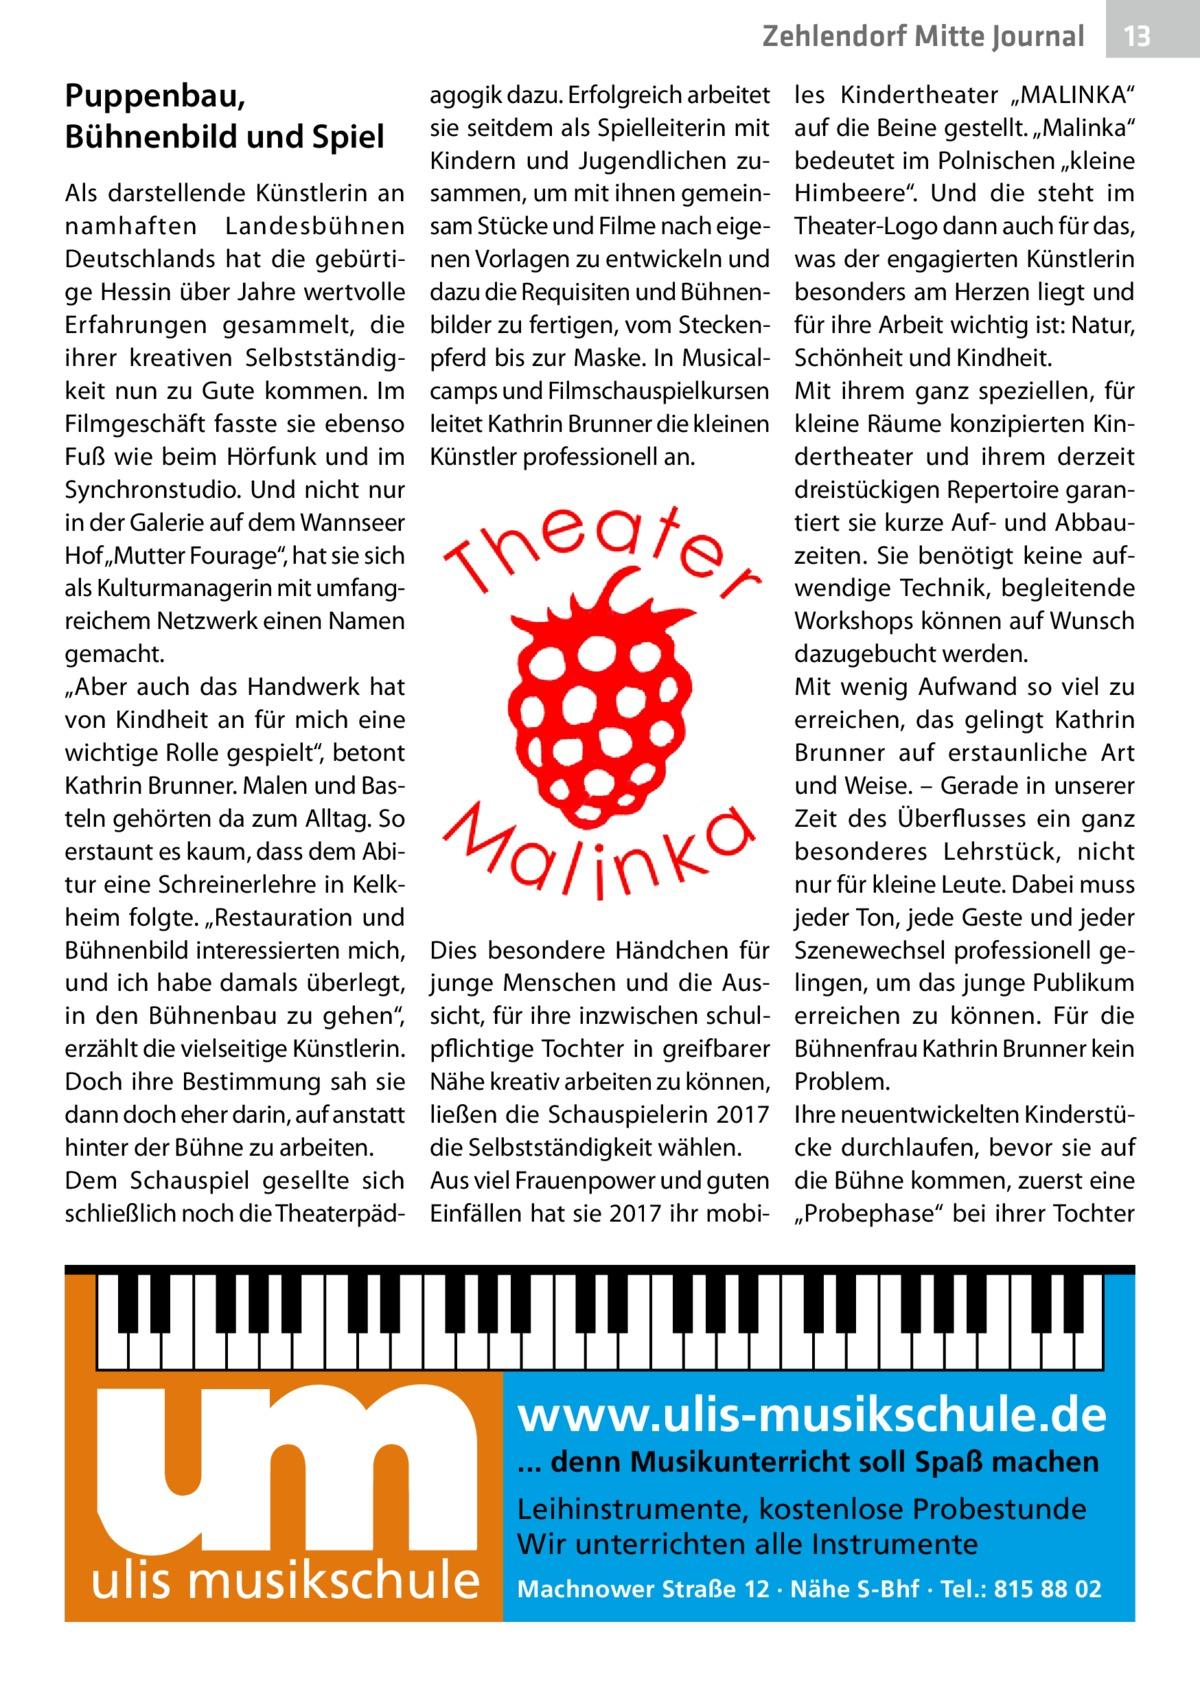 """Zehlendorf Mitte Journal  Puppenbau, Bühnenbild und Spiel Als darstellende Künstlerin an namhaften Landesbühnen Deutschlands hat die gebürtige Hessin über Jahre wertvolle Erfahrungen gesammelt, die ihrer kreativen Selbstständigkeit nun zu Gute kommen. Im Filmgeschäft fasste sie ebenso Fuß wie beim Hörfunk und im Synchronstudio. Und nicht nur in der Galerie auf dem Wannseer Hof """"Mutter Fourage"""", hat sie sich als Kulturmanagerin mit umfangreichem Netzwerk einen Namen gemacht. """"Aber auch das Handwerk hat von Kindheit an für mich eine wichtige Rolle gespielt"""", betont Kathrin Brunner. Malen und Basteln gehörten da zum Alltag. So erstaunt es kaum, dass dem Abi tur eine Schreinerlehre in Kelkheim folgte. """"Restauration und Bühnenbild interessierten mich, und ich habe damals überlegt, in den Bühnenbau zu gehen"""", erzählt die vielseitige Künstlerin. Doch ihre Bestimmung sah sie dann doch eher darin, auf anstatt hinter der Bühne zu arbeiten. Dem Schauspiel gesellte sich schließlich noch die Theaterpäd agogik dazu. Erfolgreich arbeitet sie seitdem als Spielleiterin mit Kindern und Jugendlichen zusammen, um mit ihnen gemeinsam Stücke und Filme nach eigenen Vorlagen zu entwickeln und dazu die Requisiten und Bühnenbilder zu fertigen, vom Steckenpferd bis zur Maske. In Musicalcamps und Filmschauspielkursen leitet Kathrin Brunner die kleinen Künstler professionell an.  Dies besondere Händchen für junge Menschen und die Aussicht, für ihre inzwischen schulpflichtige Tochter in greifbarer Nähe kreativ arbeiten zu können, ließen die Schauspielerin 2017 die Selbstständigkeit wählen. Aus viel Frauenpower und guten Einfällen hat sie 2017 ihr mobi les Kindertheater """"MALINKA"""" auf die Beine gestellt. """"Malinka"""" bedeutet im Polnischen """"kleine Himbeere"""". Und die steht im Theater-Logo dann auch für das, was der engagierten Künstlerin besonders am Herzen liegt und für ihre Arbeit wichtig ist: Natur, Schönheit und Kindheit. Mit ihrem ganz speziellen, für kleine Räume konzipierten Kindertheater und i"""